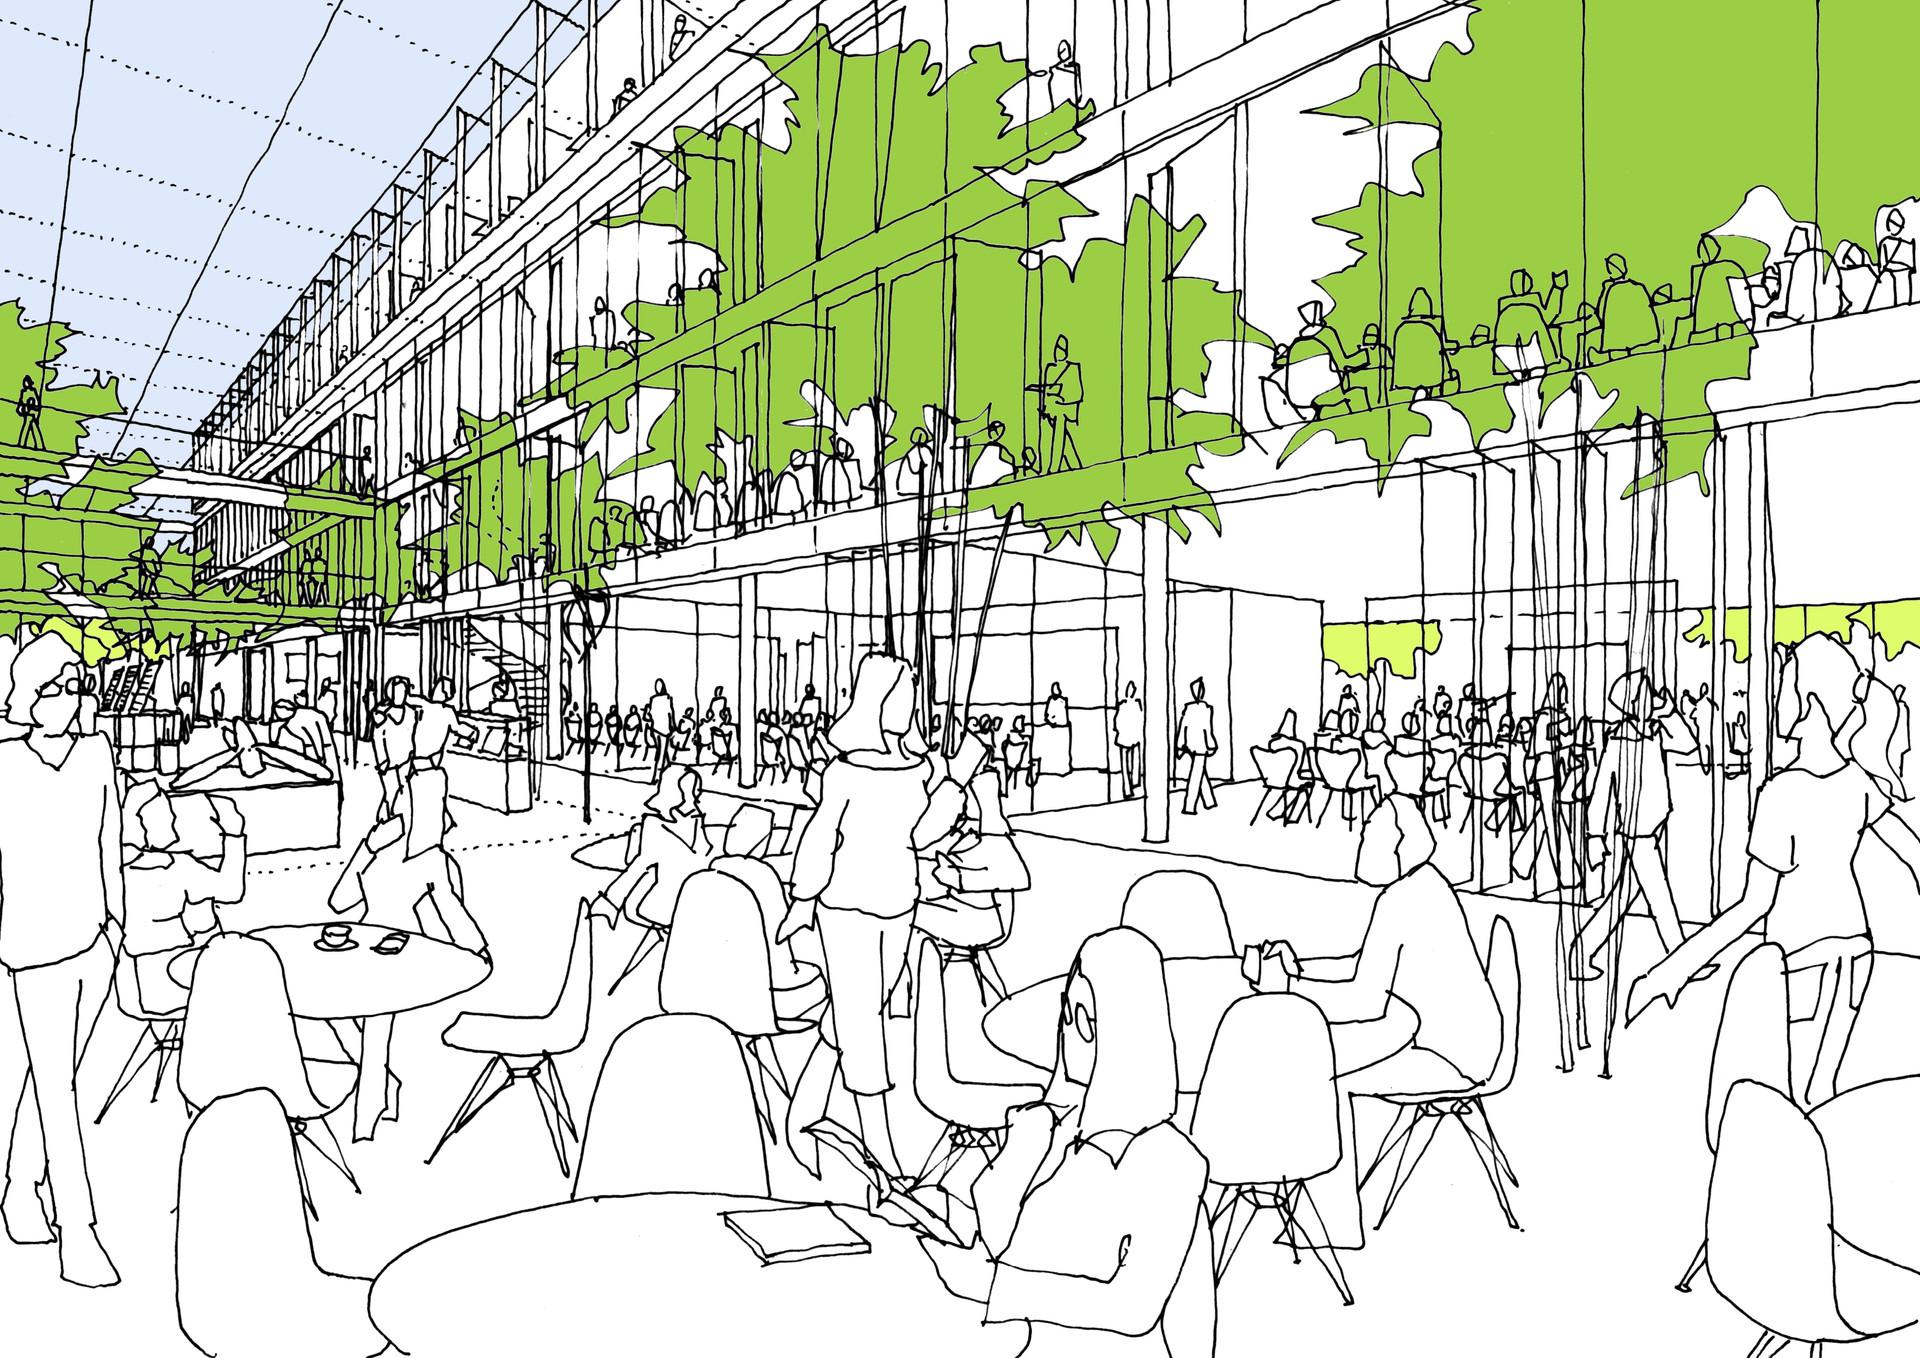 IWES Fraunhofer Ben Dieckmann architects